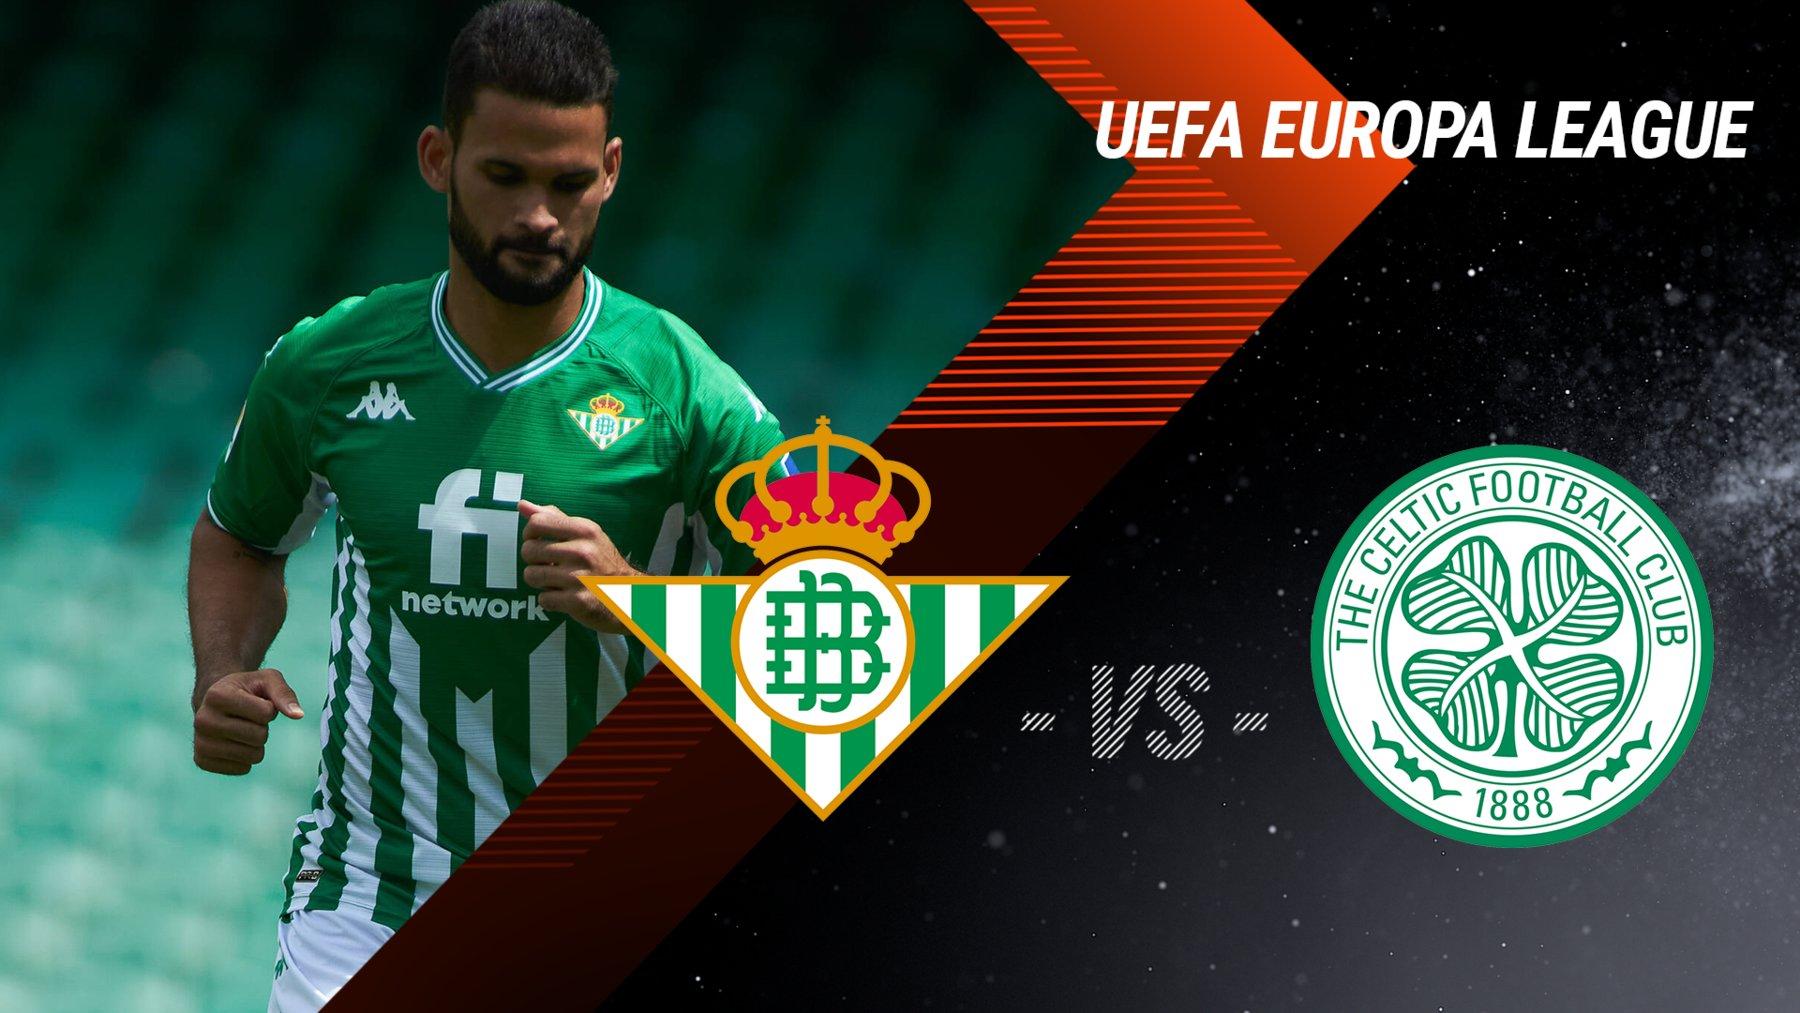 Betis Sevilla - Celtic Glasgow